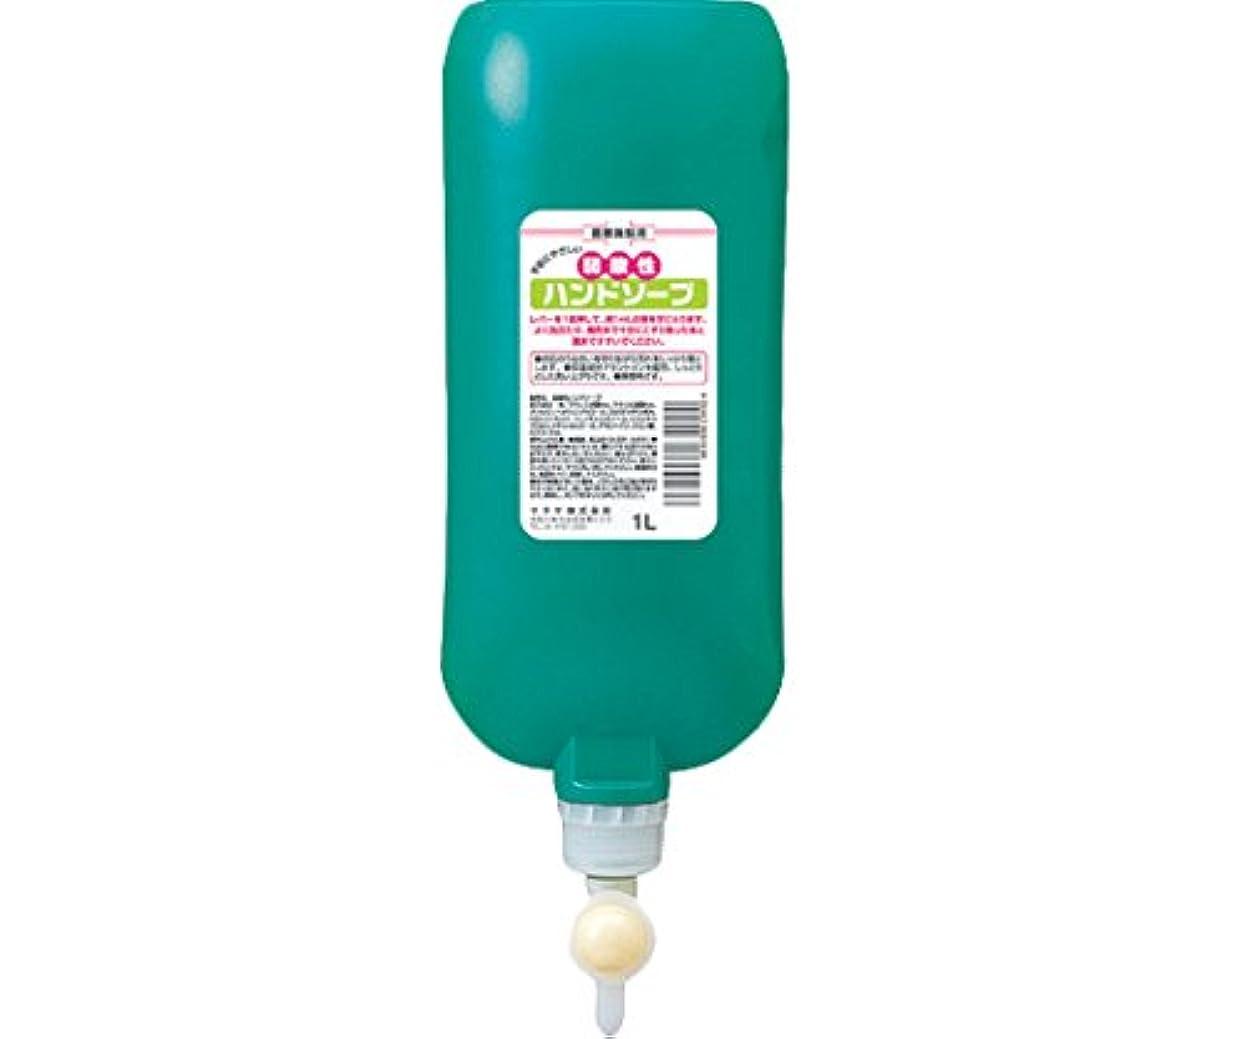 増強するライセンス十サラヤ 弱酸性ハンドソープ ディスポパック(1袋入) 23402 /8-8044-02